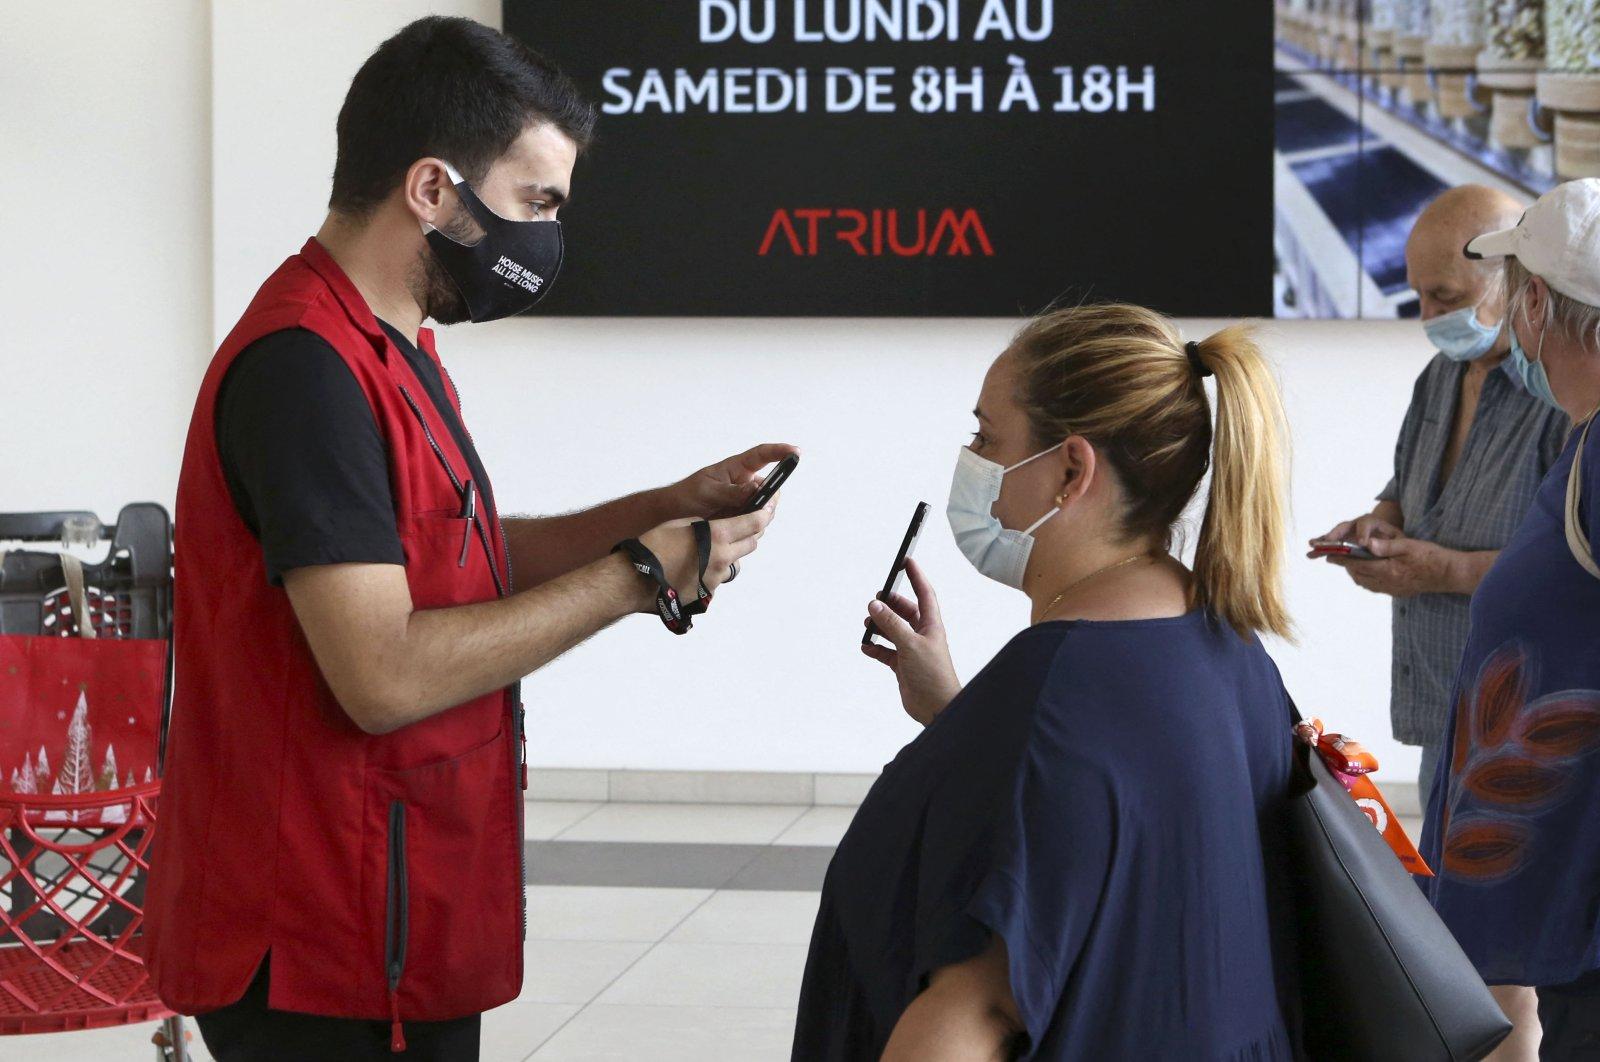 An employee of the Atrium shopping center checks a visitor's health pass in Ajaccio, South Corsica, Aug. 16, 2021. (AFP Photo)